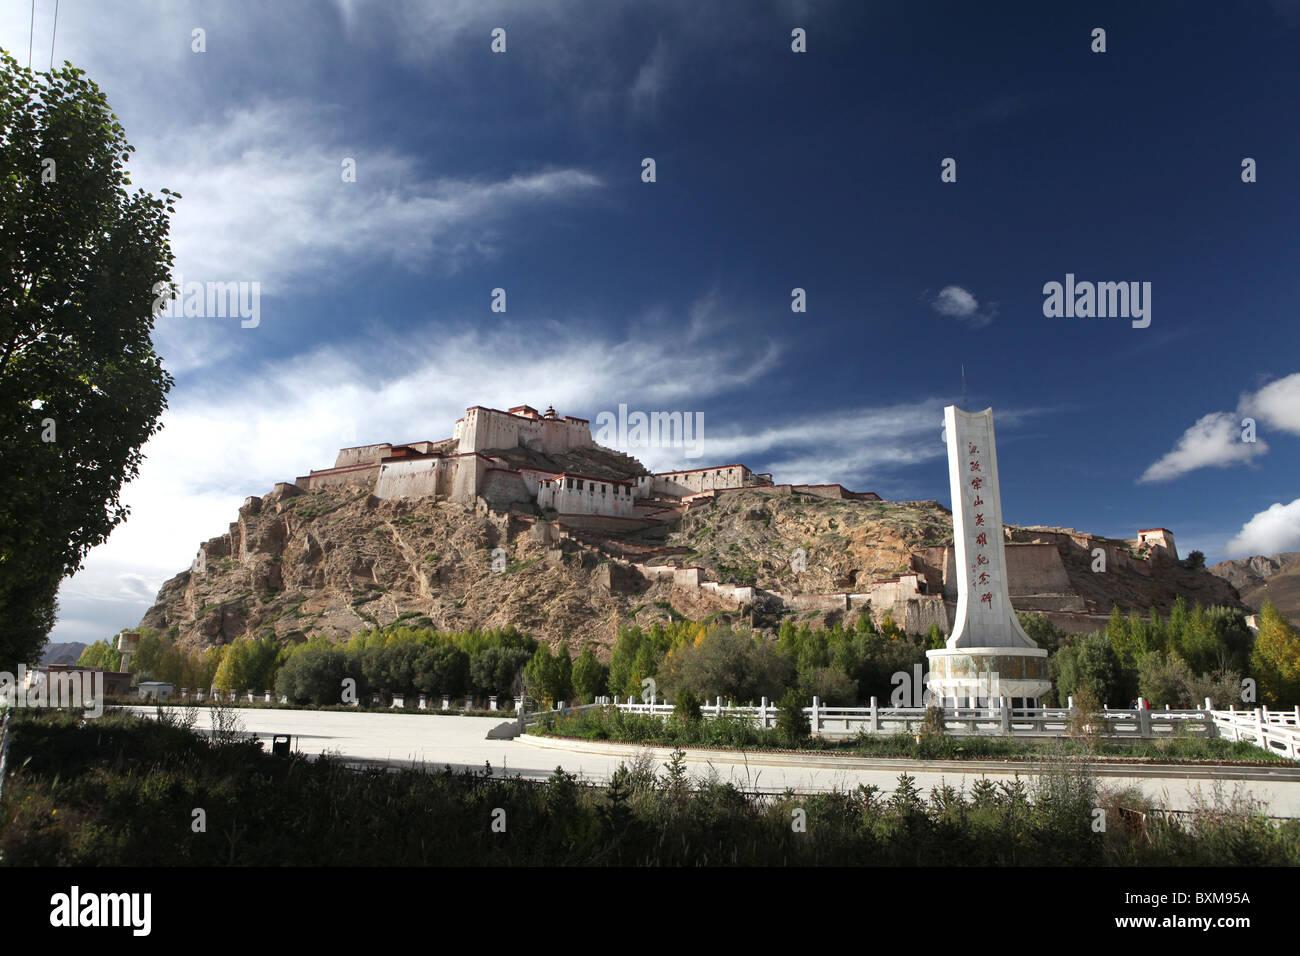 Gyantse Dzong or Gyantse Fortress in Gyantse or Gyangtse in Tibet, China. - Stock Image